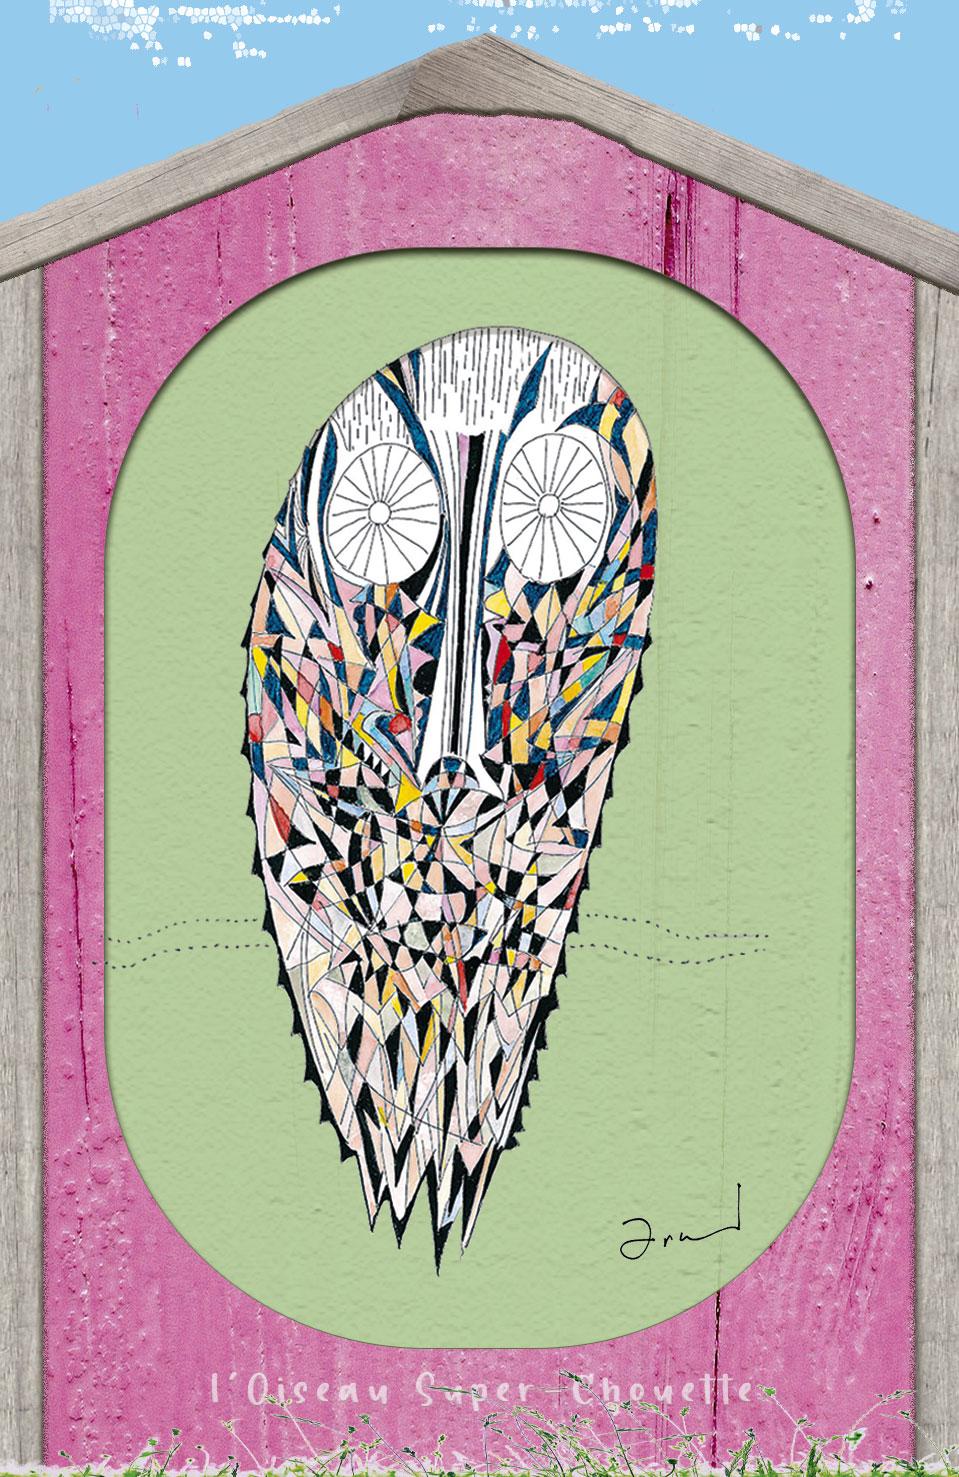 Oiseau-Super-chouette